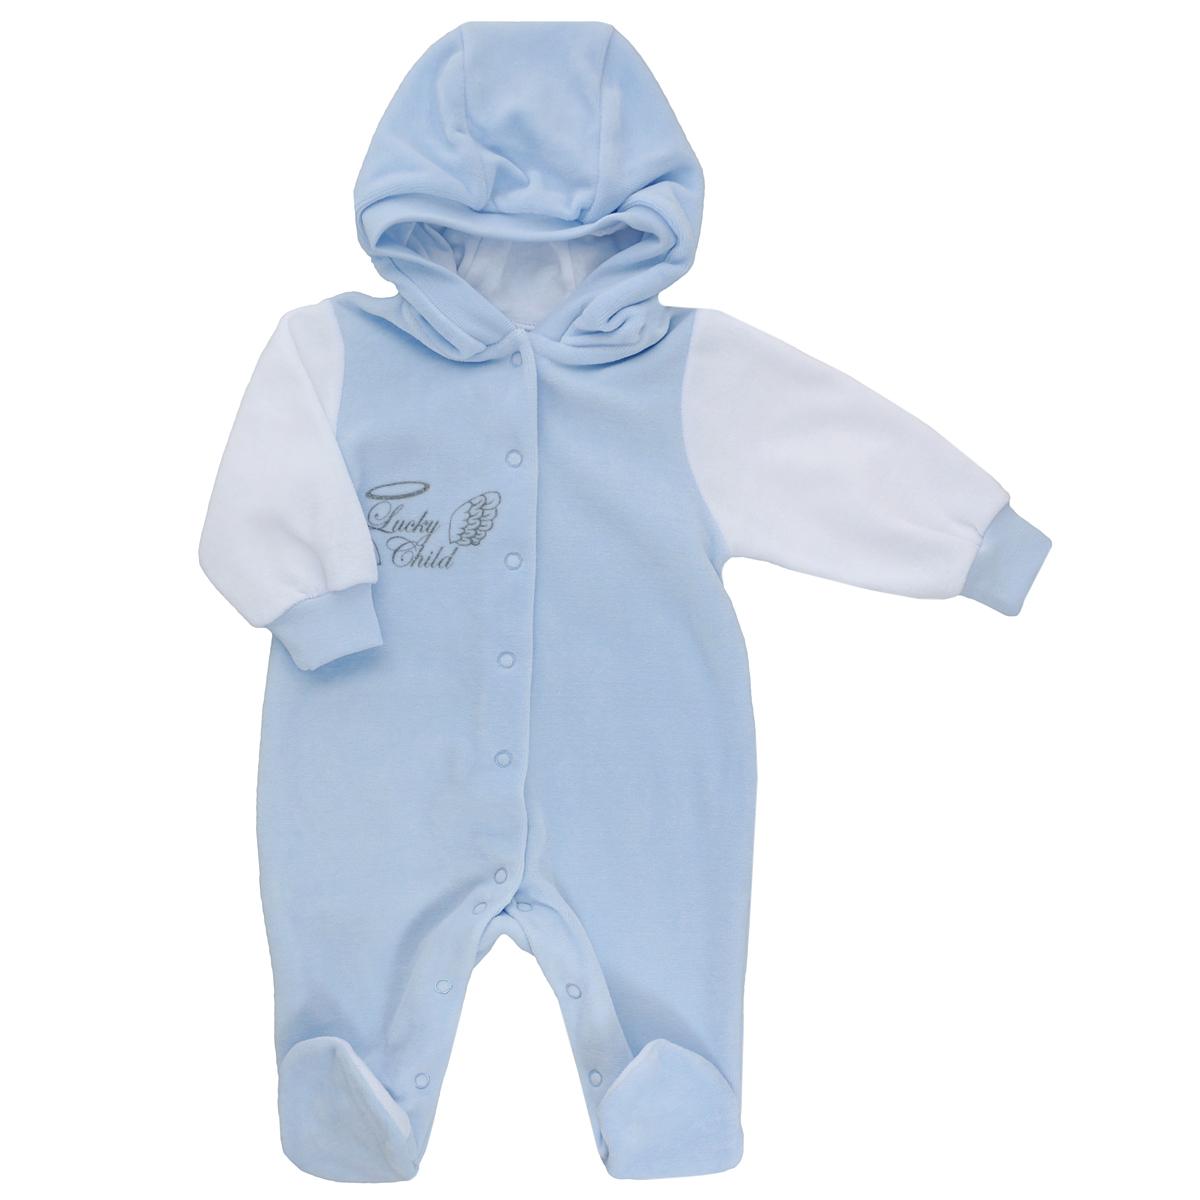 Комбинезон детский Lucky Child Ангелы, цвет: голубой, белый. 17-3. Размер 74/8017-3Детский комбинезон Lucky Child Ангелы - очень удобный и практичный вид одежды для малышей. Комбинезон выполнен из велюра, благодаря чему он необычайно мягкий и приятный на ощупь, не раздражает нежную кожу ребенка и хорошо вентилируется, а эластичные швы приятны телу малыша и не препятствуют его движениям. Комбинезон с капюшоном, длинными рукавами и закрытыми ножками имеет застежки-кнопки от горловины до щиколоток, которые помогают легко переодеть младенца или сменить подгузник. Край капюшона и рукава дополнены трикотажными резинками.Комбинезон на груди оформлен надписью в виде логотипа бренда и изображением крылышек, а на спинке дополнен текстильными крылышками, вышитыми металлизированной нитью. С детским комбинезоном Lucky Child спинка и ножки вашего малыша всегда будут в тепле, он идеален для использования днем и незаменим ночью. Комбинезон полностью соответствует особенностям жизни младенца в ранний период, не стесняя и не ограничивая его в движениях!